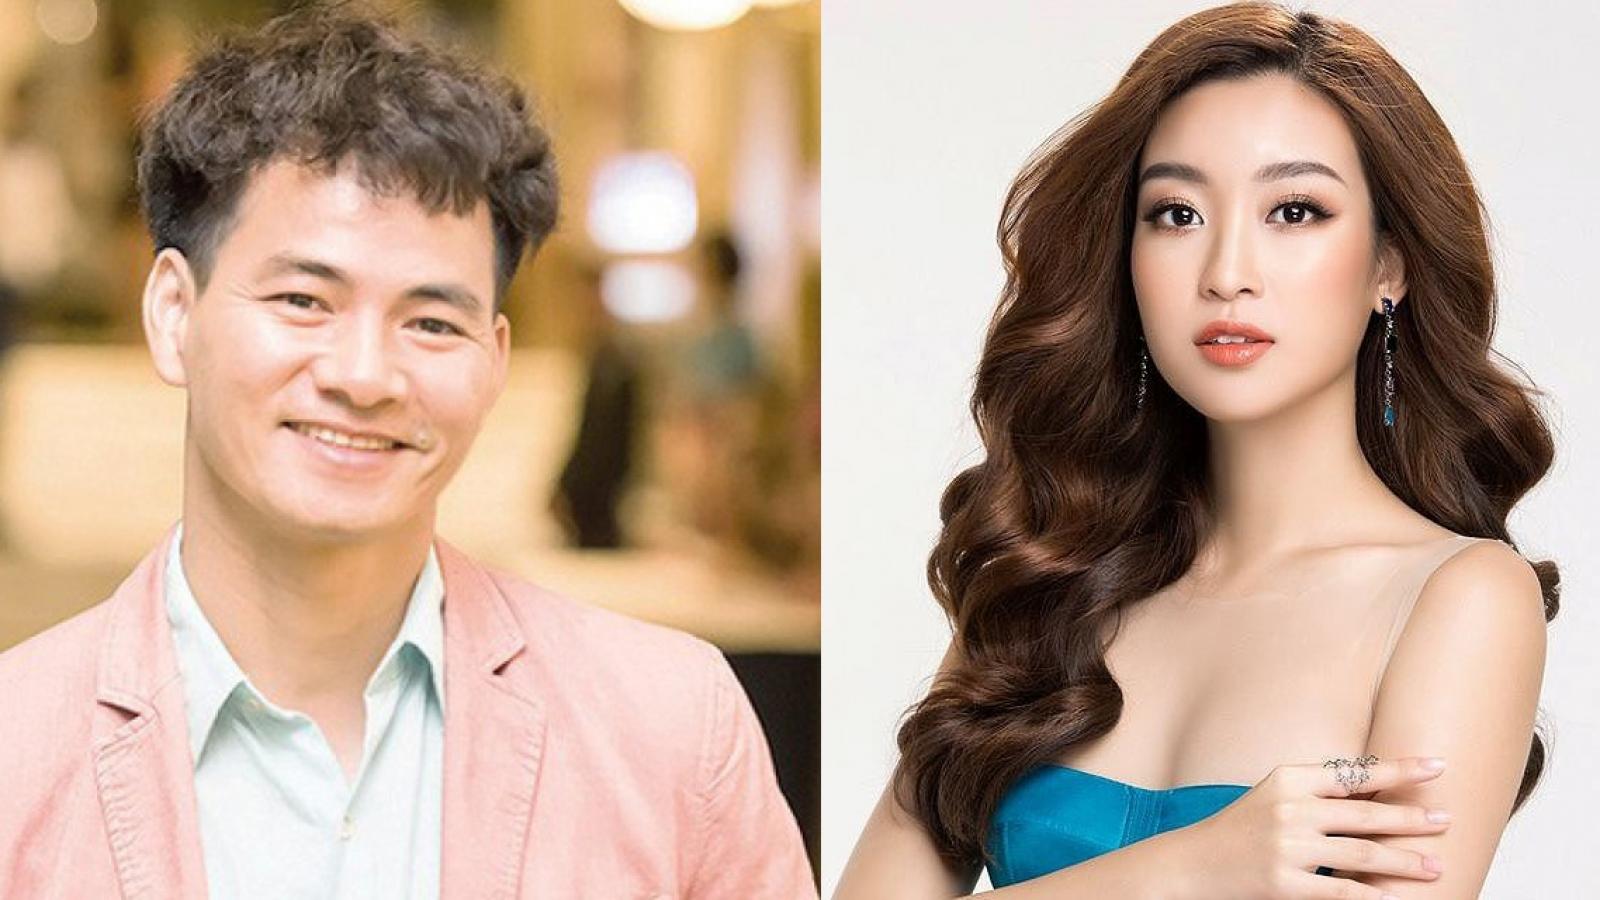 NSƯT Xuân Bắc, Hoa hậu Đỗ Mỹ Linh dẫn chương trình nghệ thuật online tối 1/9